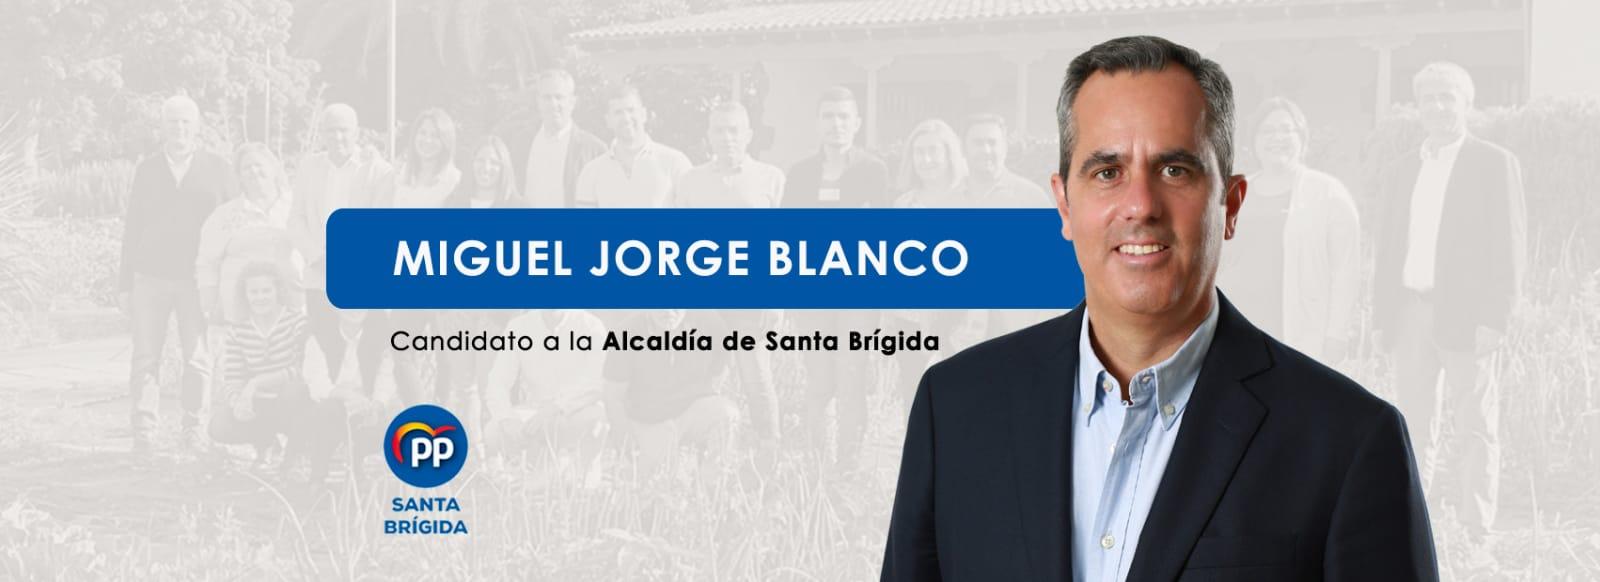 """Miguel Jorge Blanco: """"Mi compromiso con Santa Brígida es absoluto"""""""